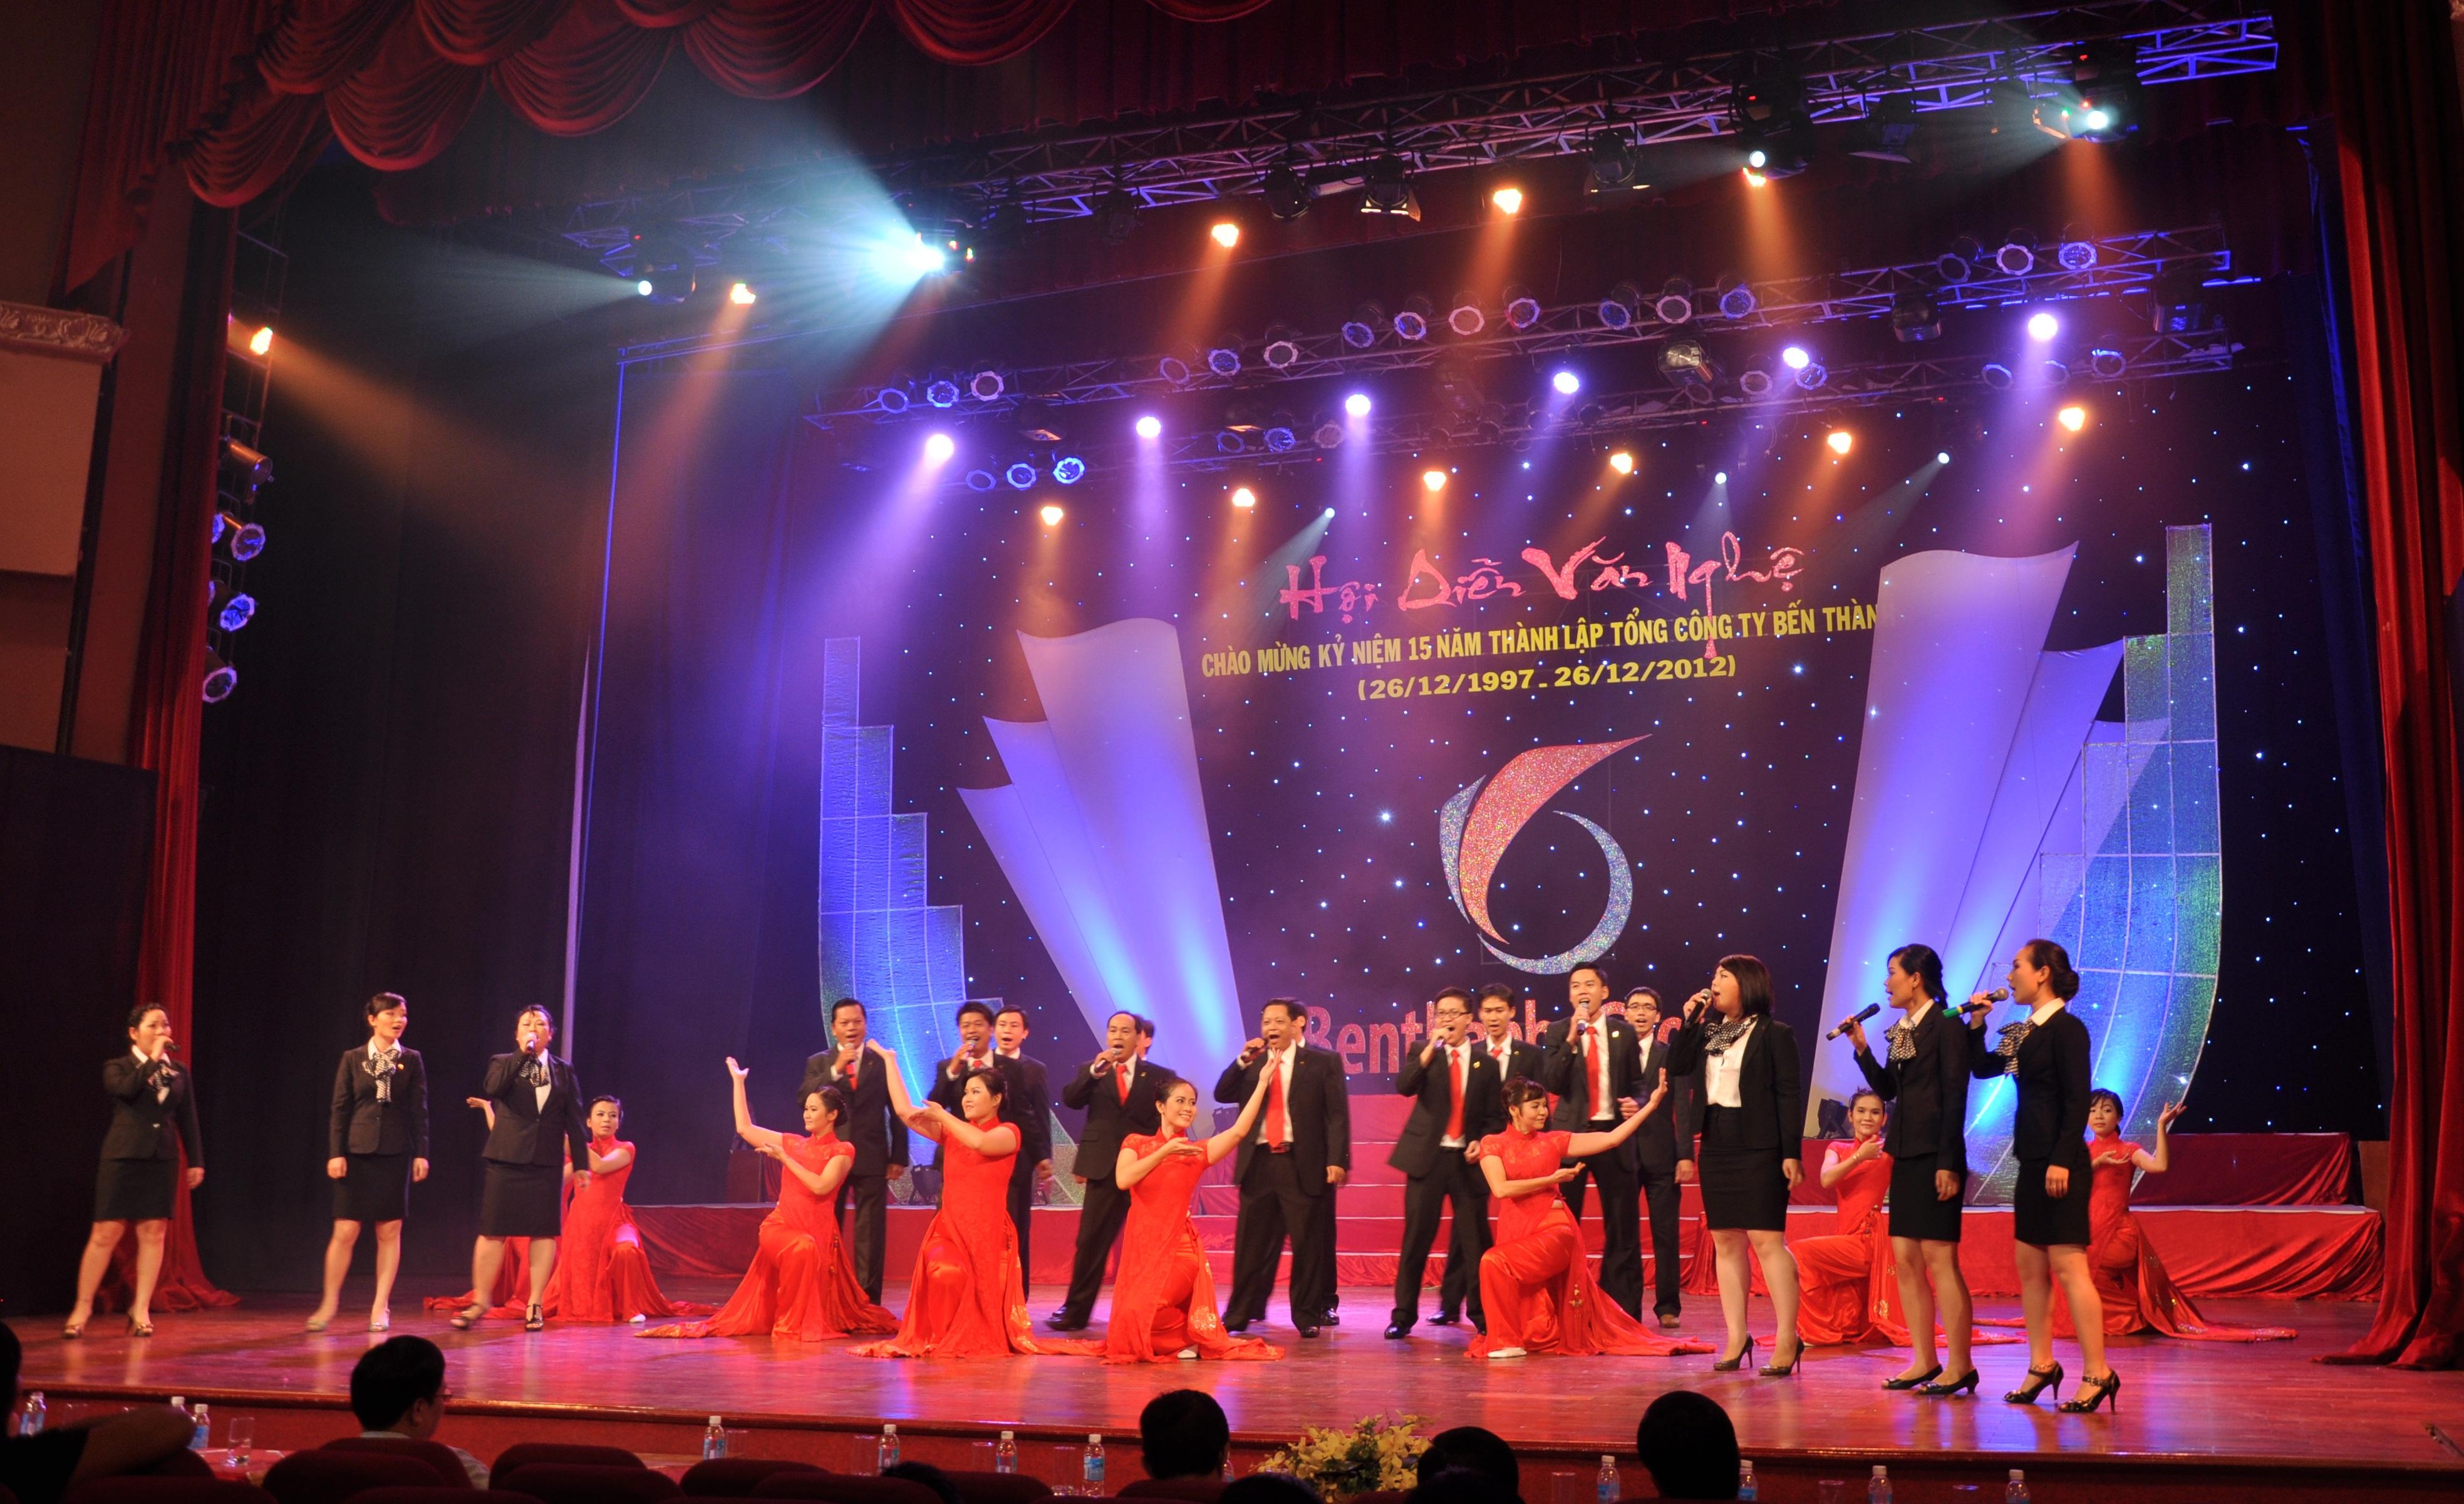 Hội diễn văn nghệ kỷ niệm 15 năm thành lập